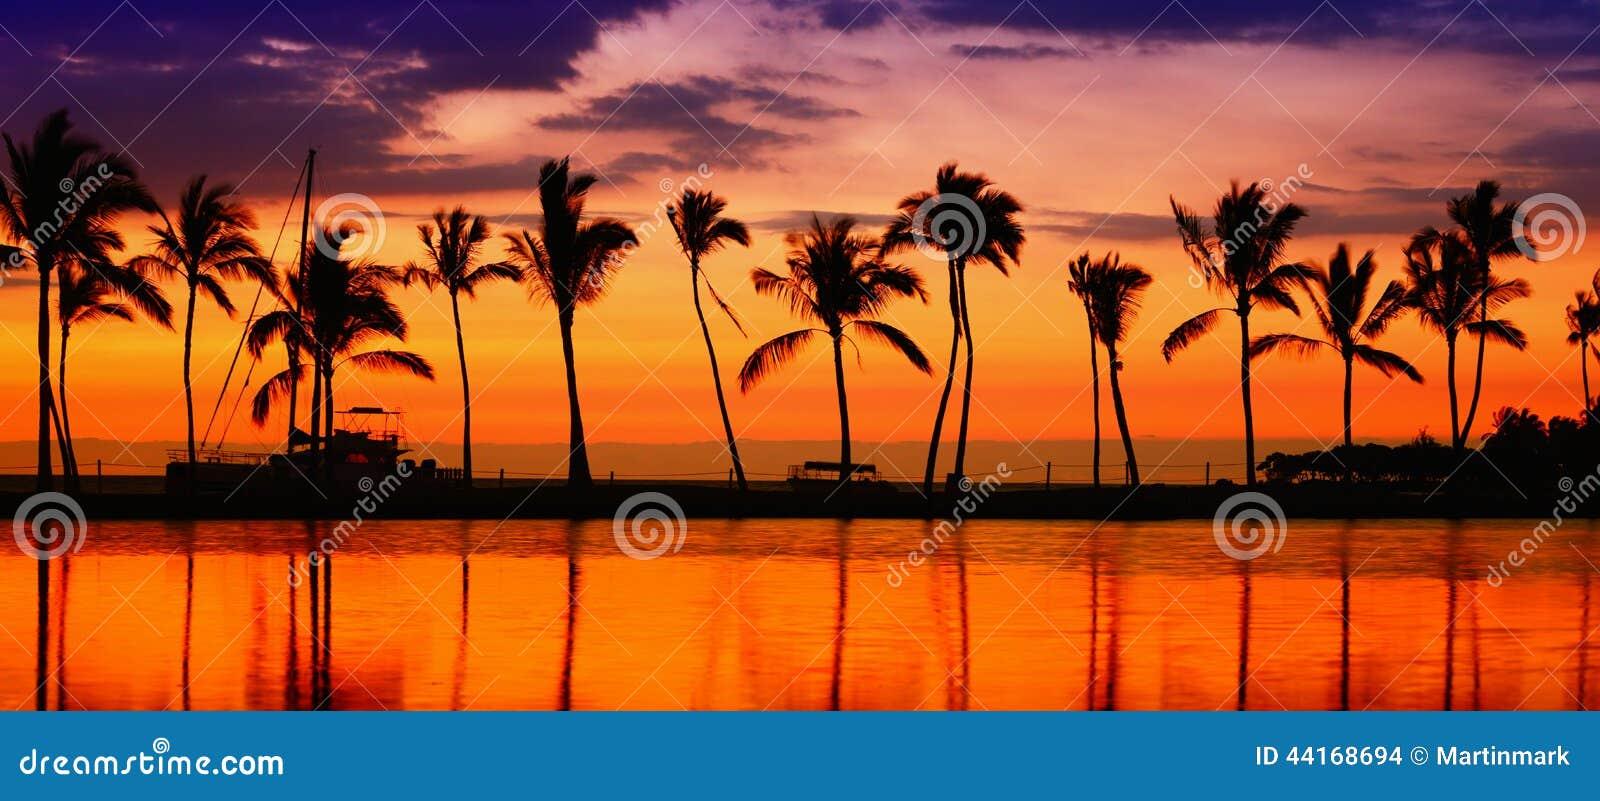 旅行横幅-使天堂日落棕榈树靠岸